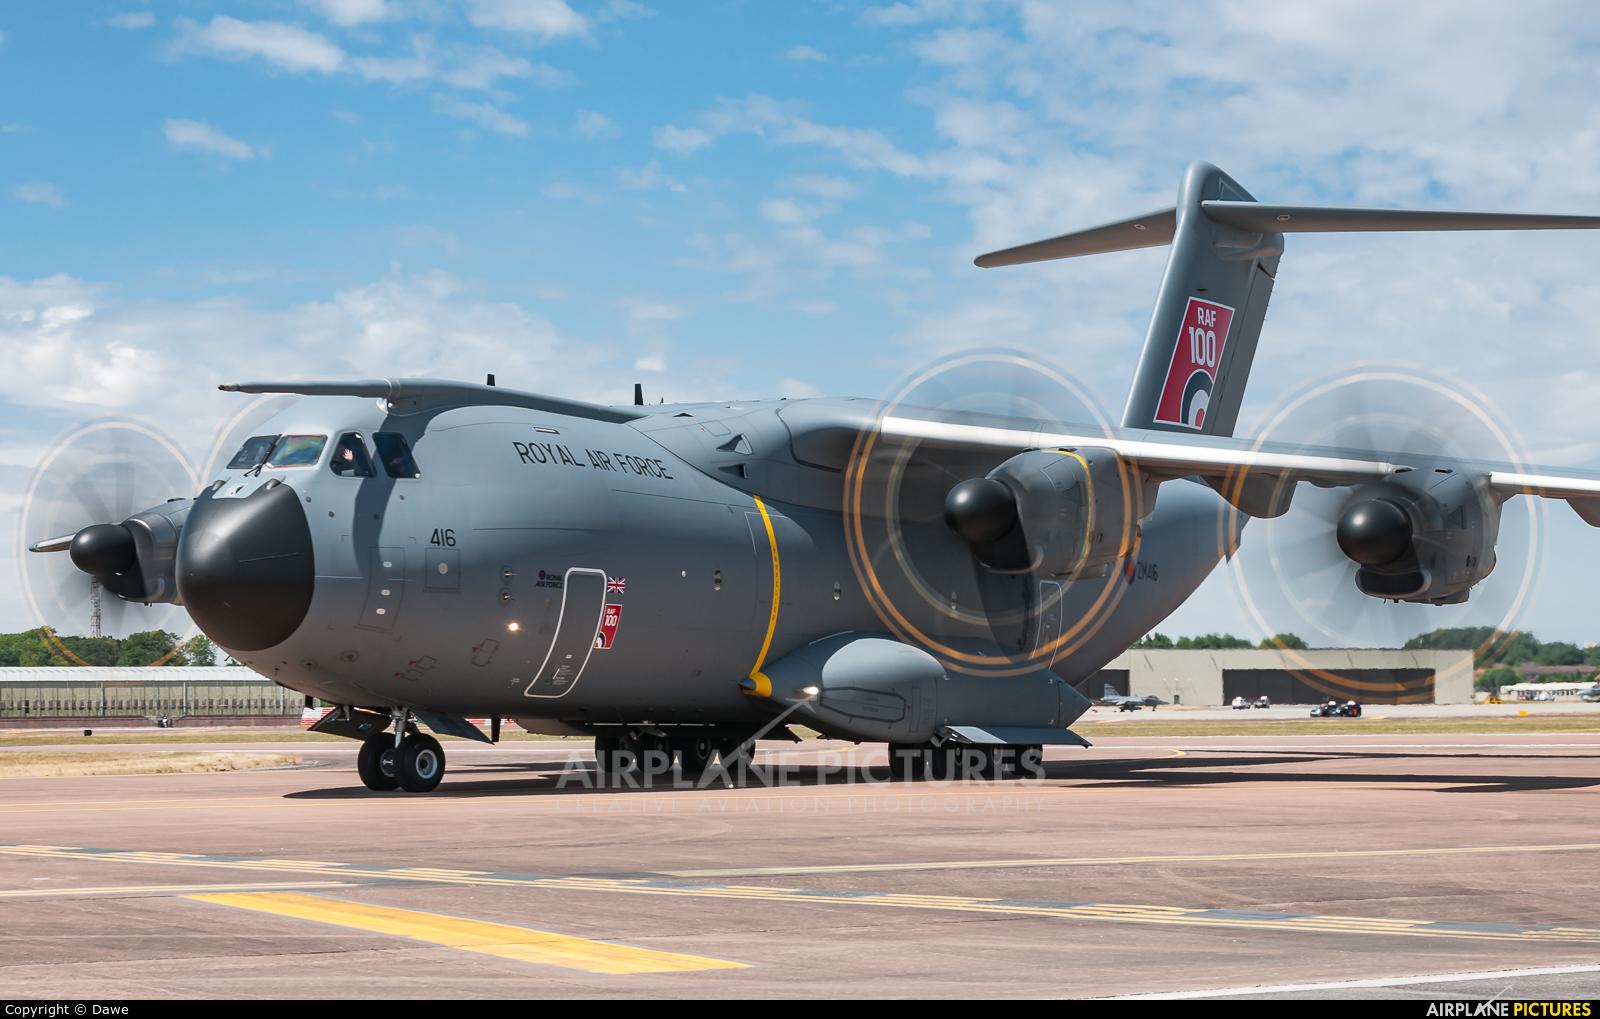 Royal Air Force ZM416 aircraft at Fairford